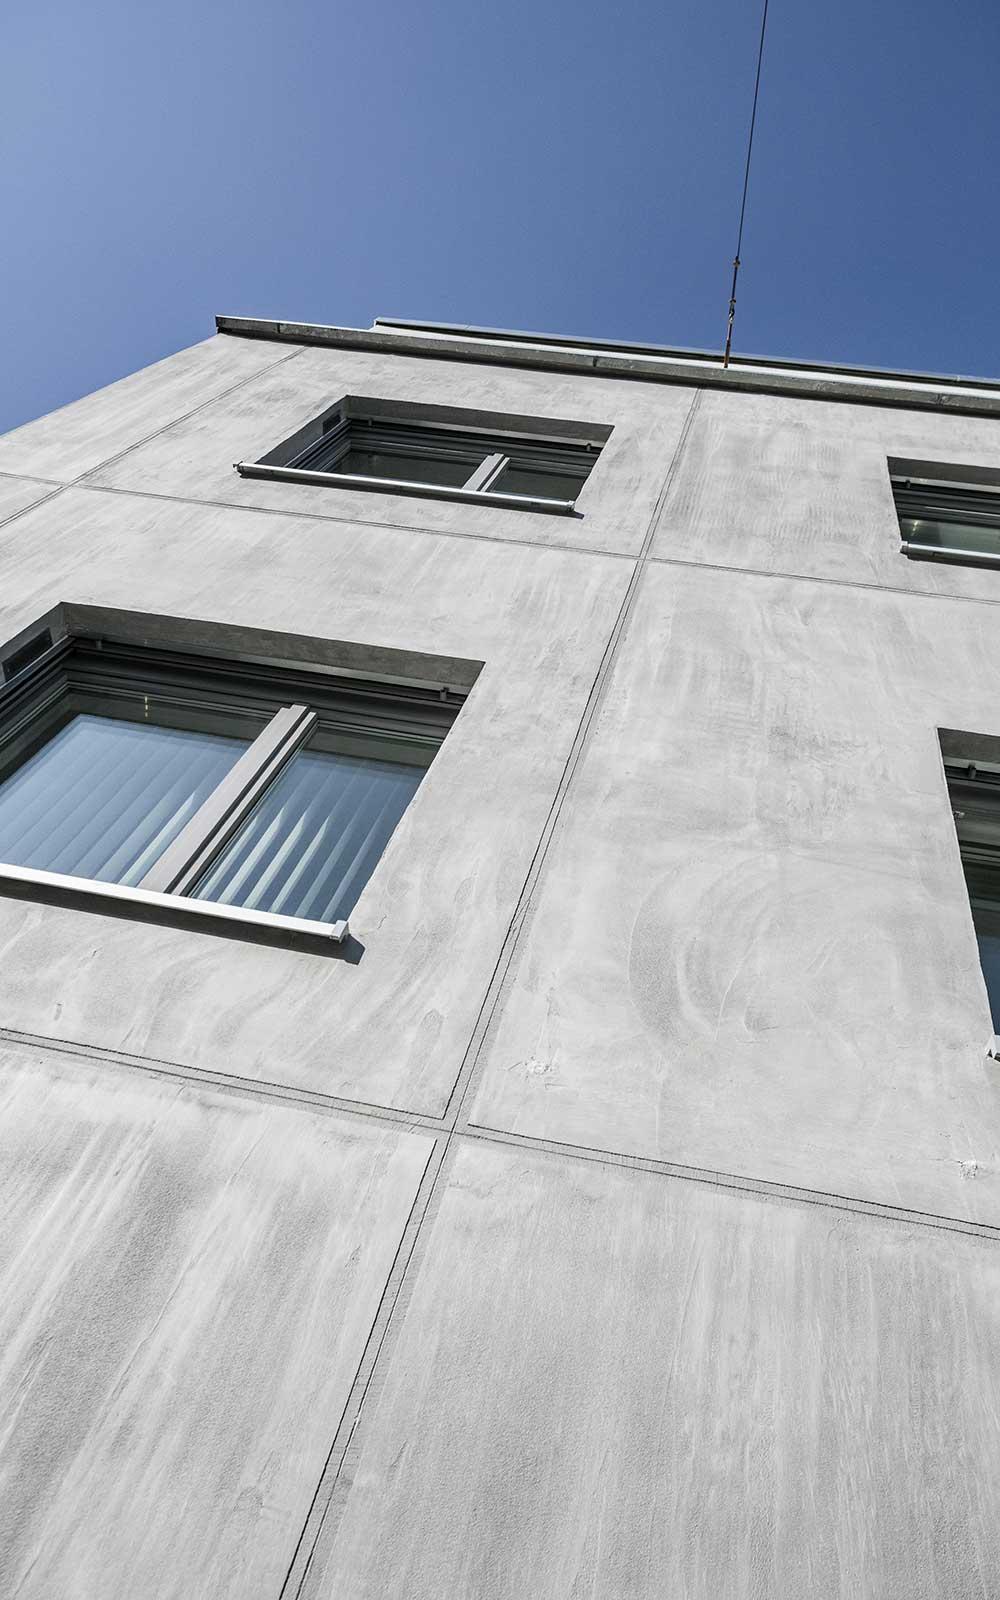 Eigentumswohnungen in Handschuhsheim, Architektur: Kochhan und Weckbach